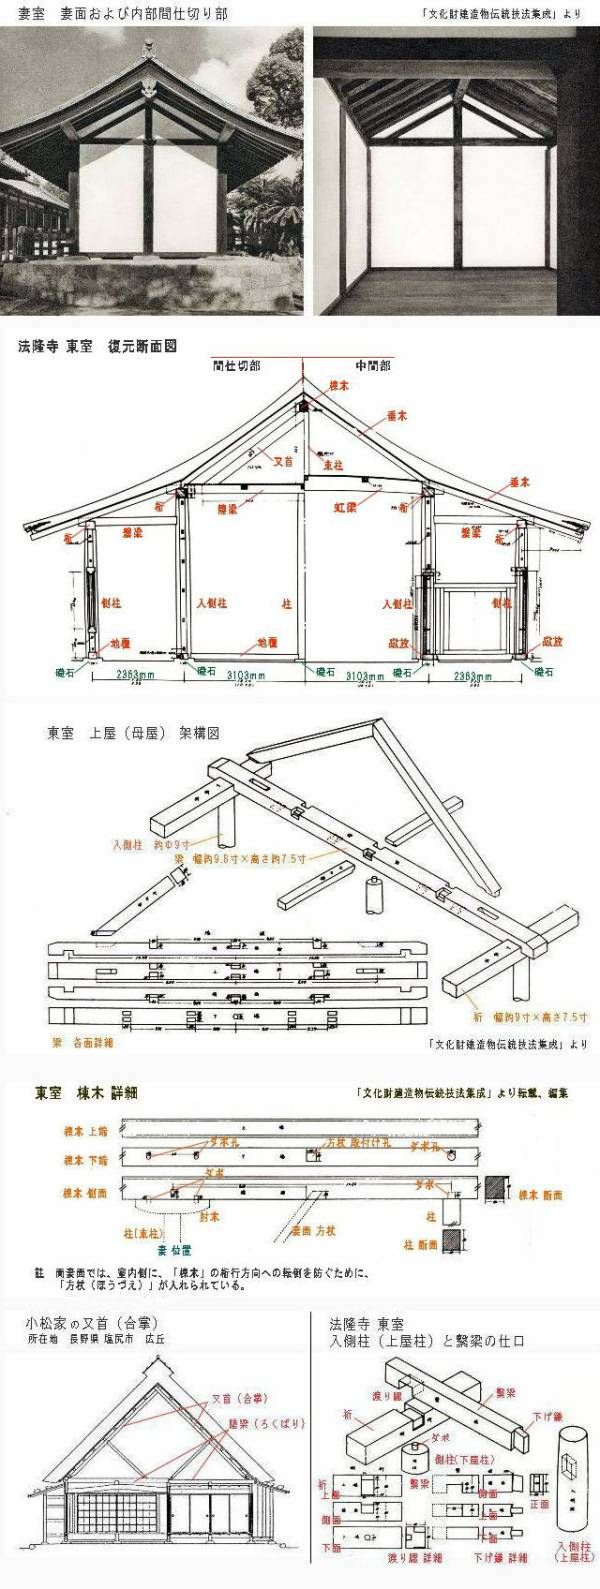 [今回は少し長くなります。][註記追加 8月24日 10.01] [説明更改・追加 8月25日 9.09] 「軸組」ができあがると、次は「屋根」をつくることになります。 「屋根」の骨組を「小屋組(こやぐみ)」と呼んでいます。 註 「屋 根」:建物の上部の覆。中国では「...